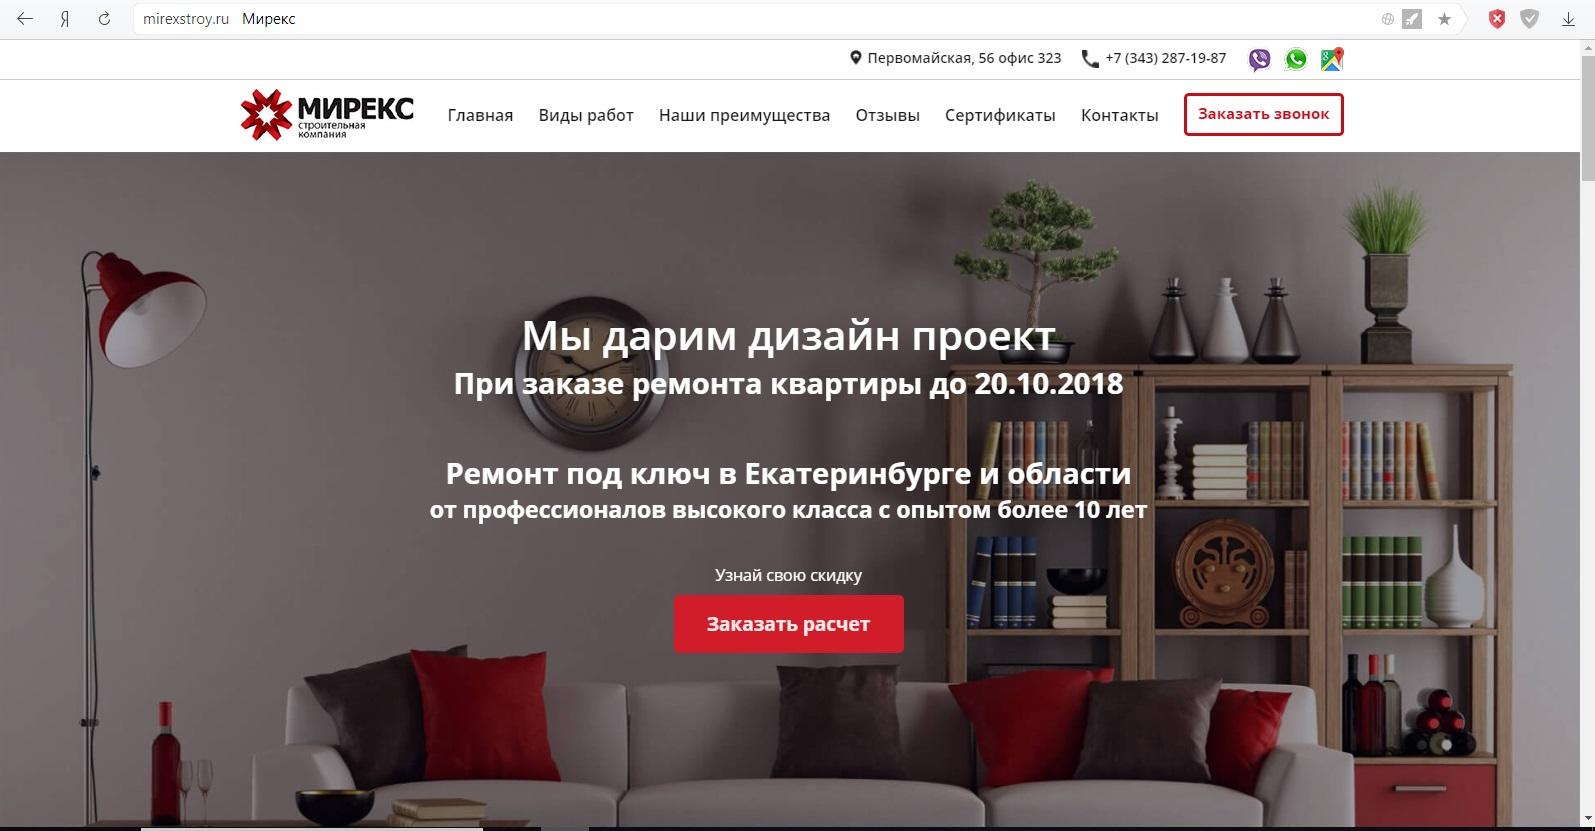 Сайт под ключ для строительной компании Мирекс